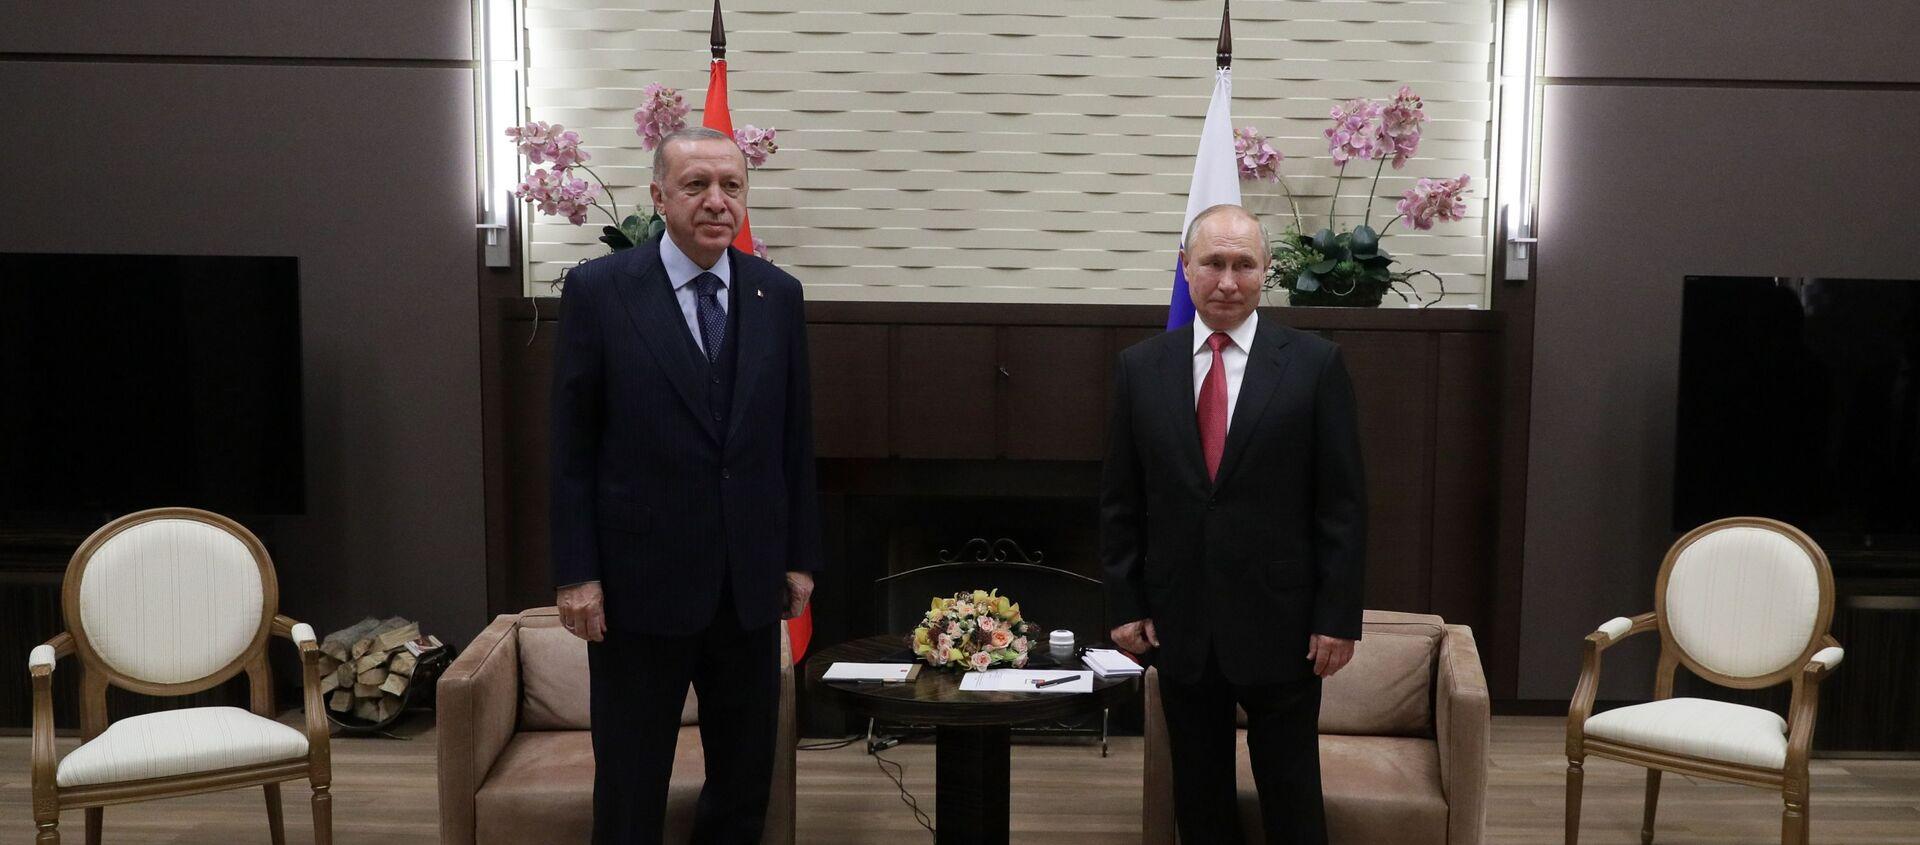 Президент РФ В. Путин провел переговоры с президентом Турции Р. Эрдоганом - Sputnik Абхазия, 1920, 29.09.2021